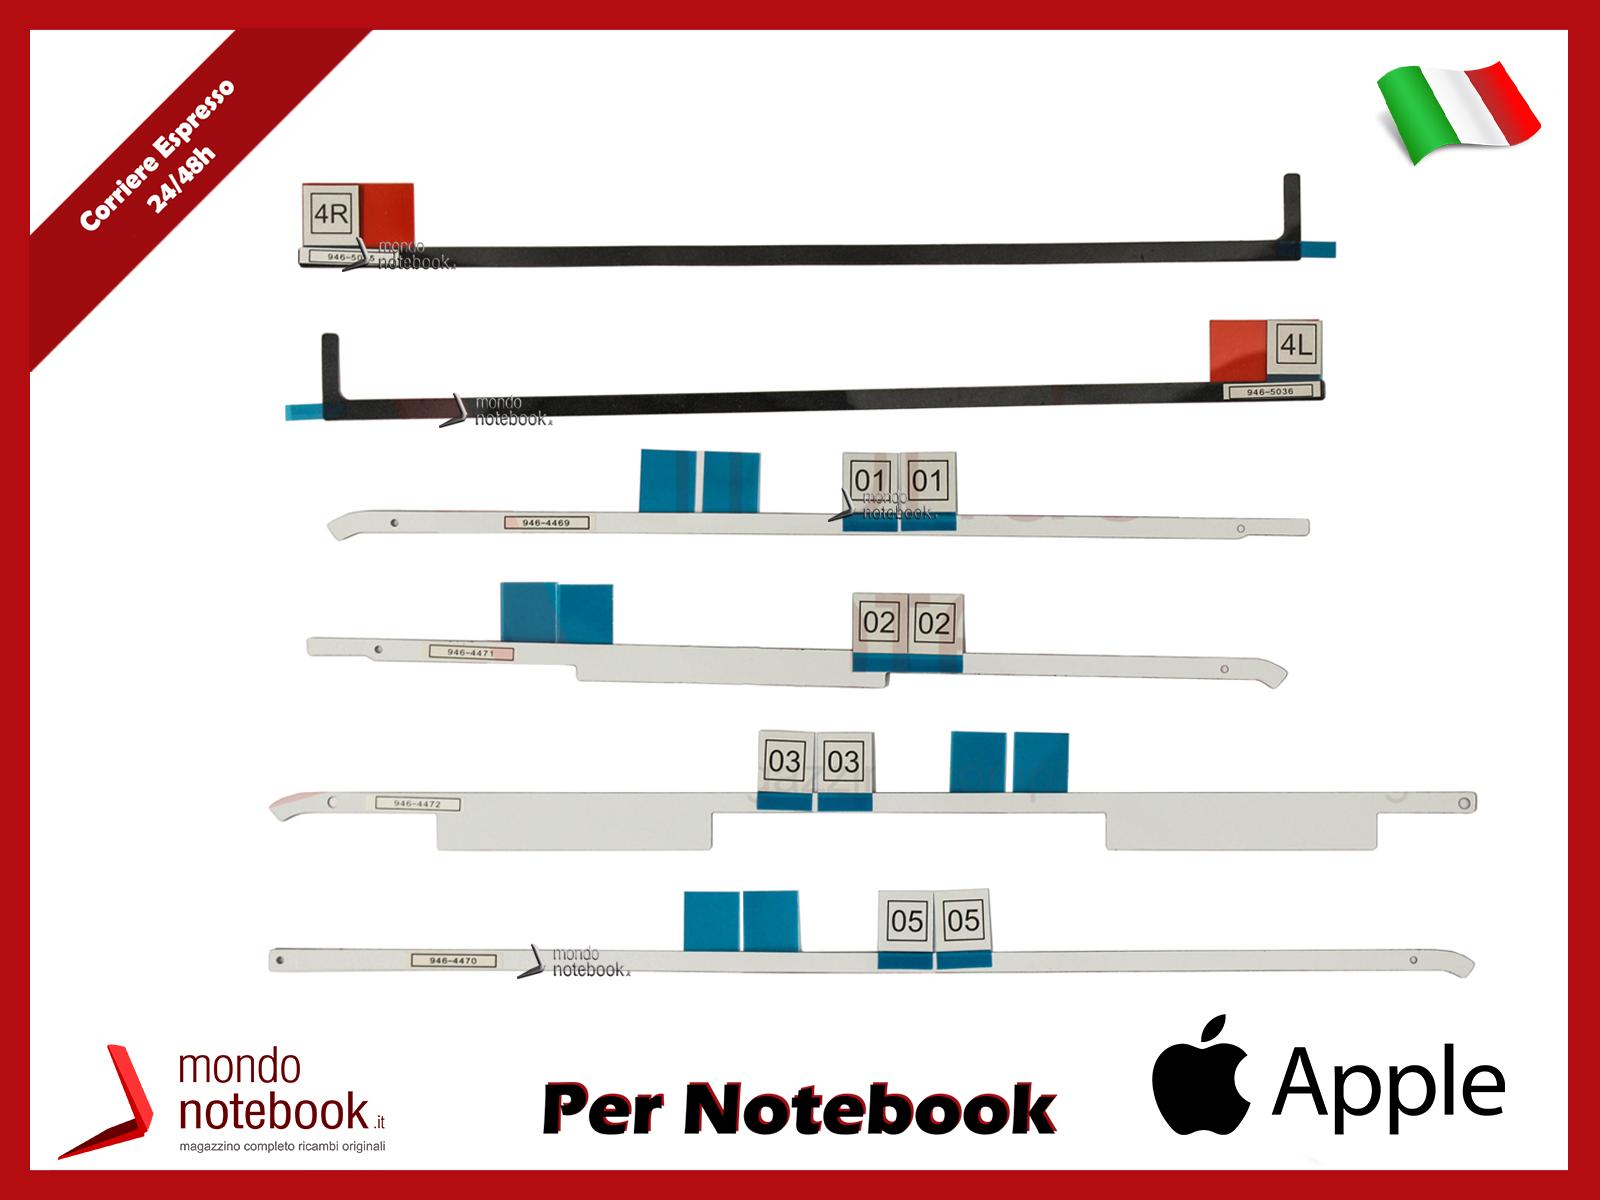 https://www.mondonotebook.it/337/nastro-adesivo-biadesivo-per-fissaggio-schermo-display-lcd-apple-imac-215-a1418-2012-15.jpg